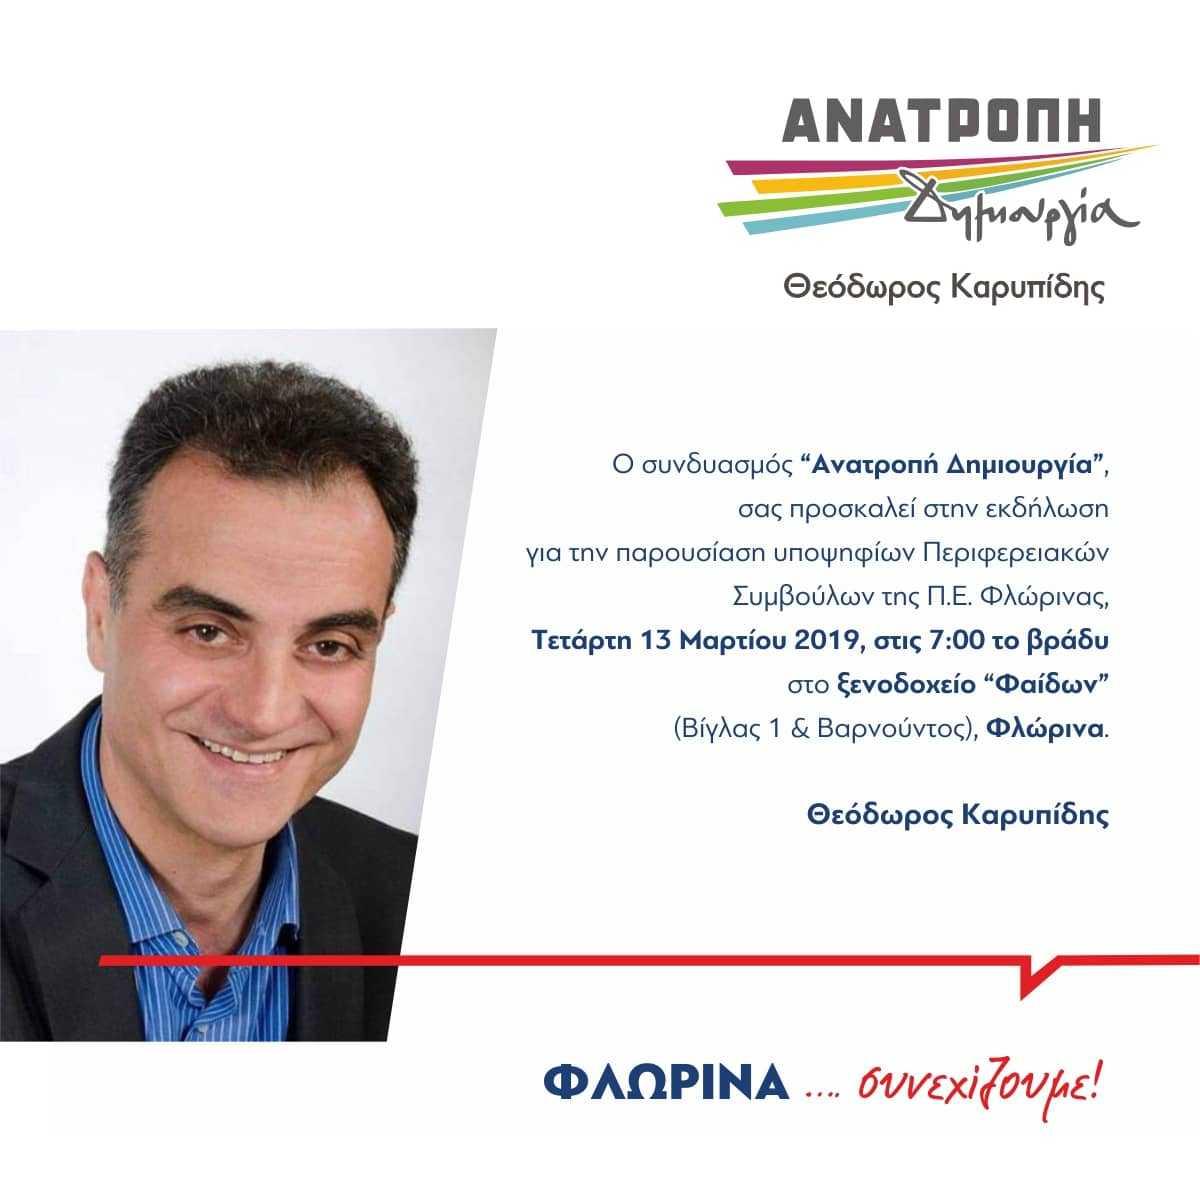 Ο Θ. Καρυπίδης παρουσιάζει υποψηφίους Περιφερειακούς Συμβούλους του συνδυασμού